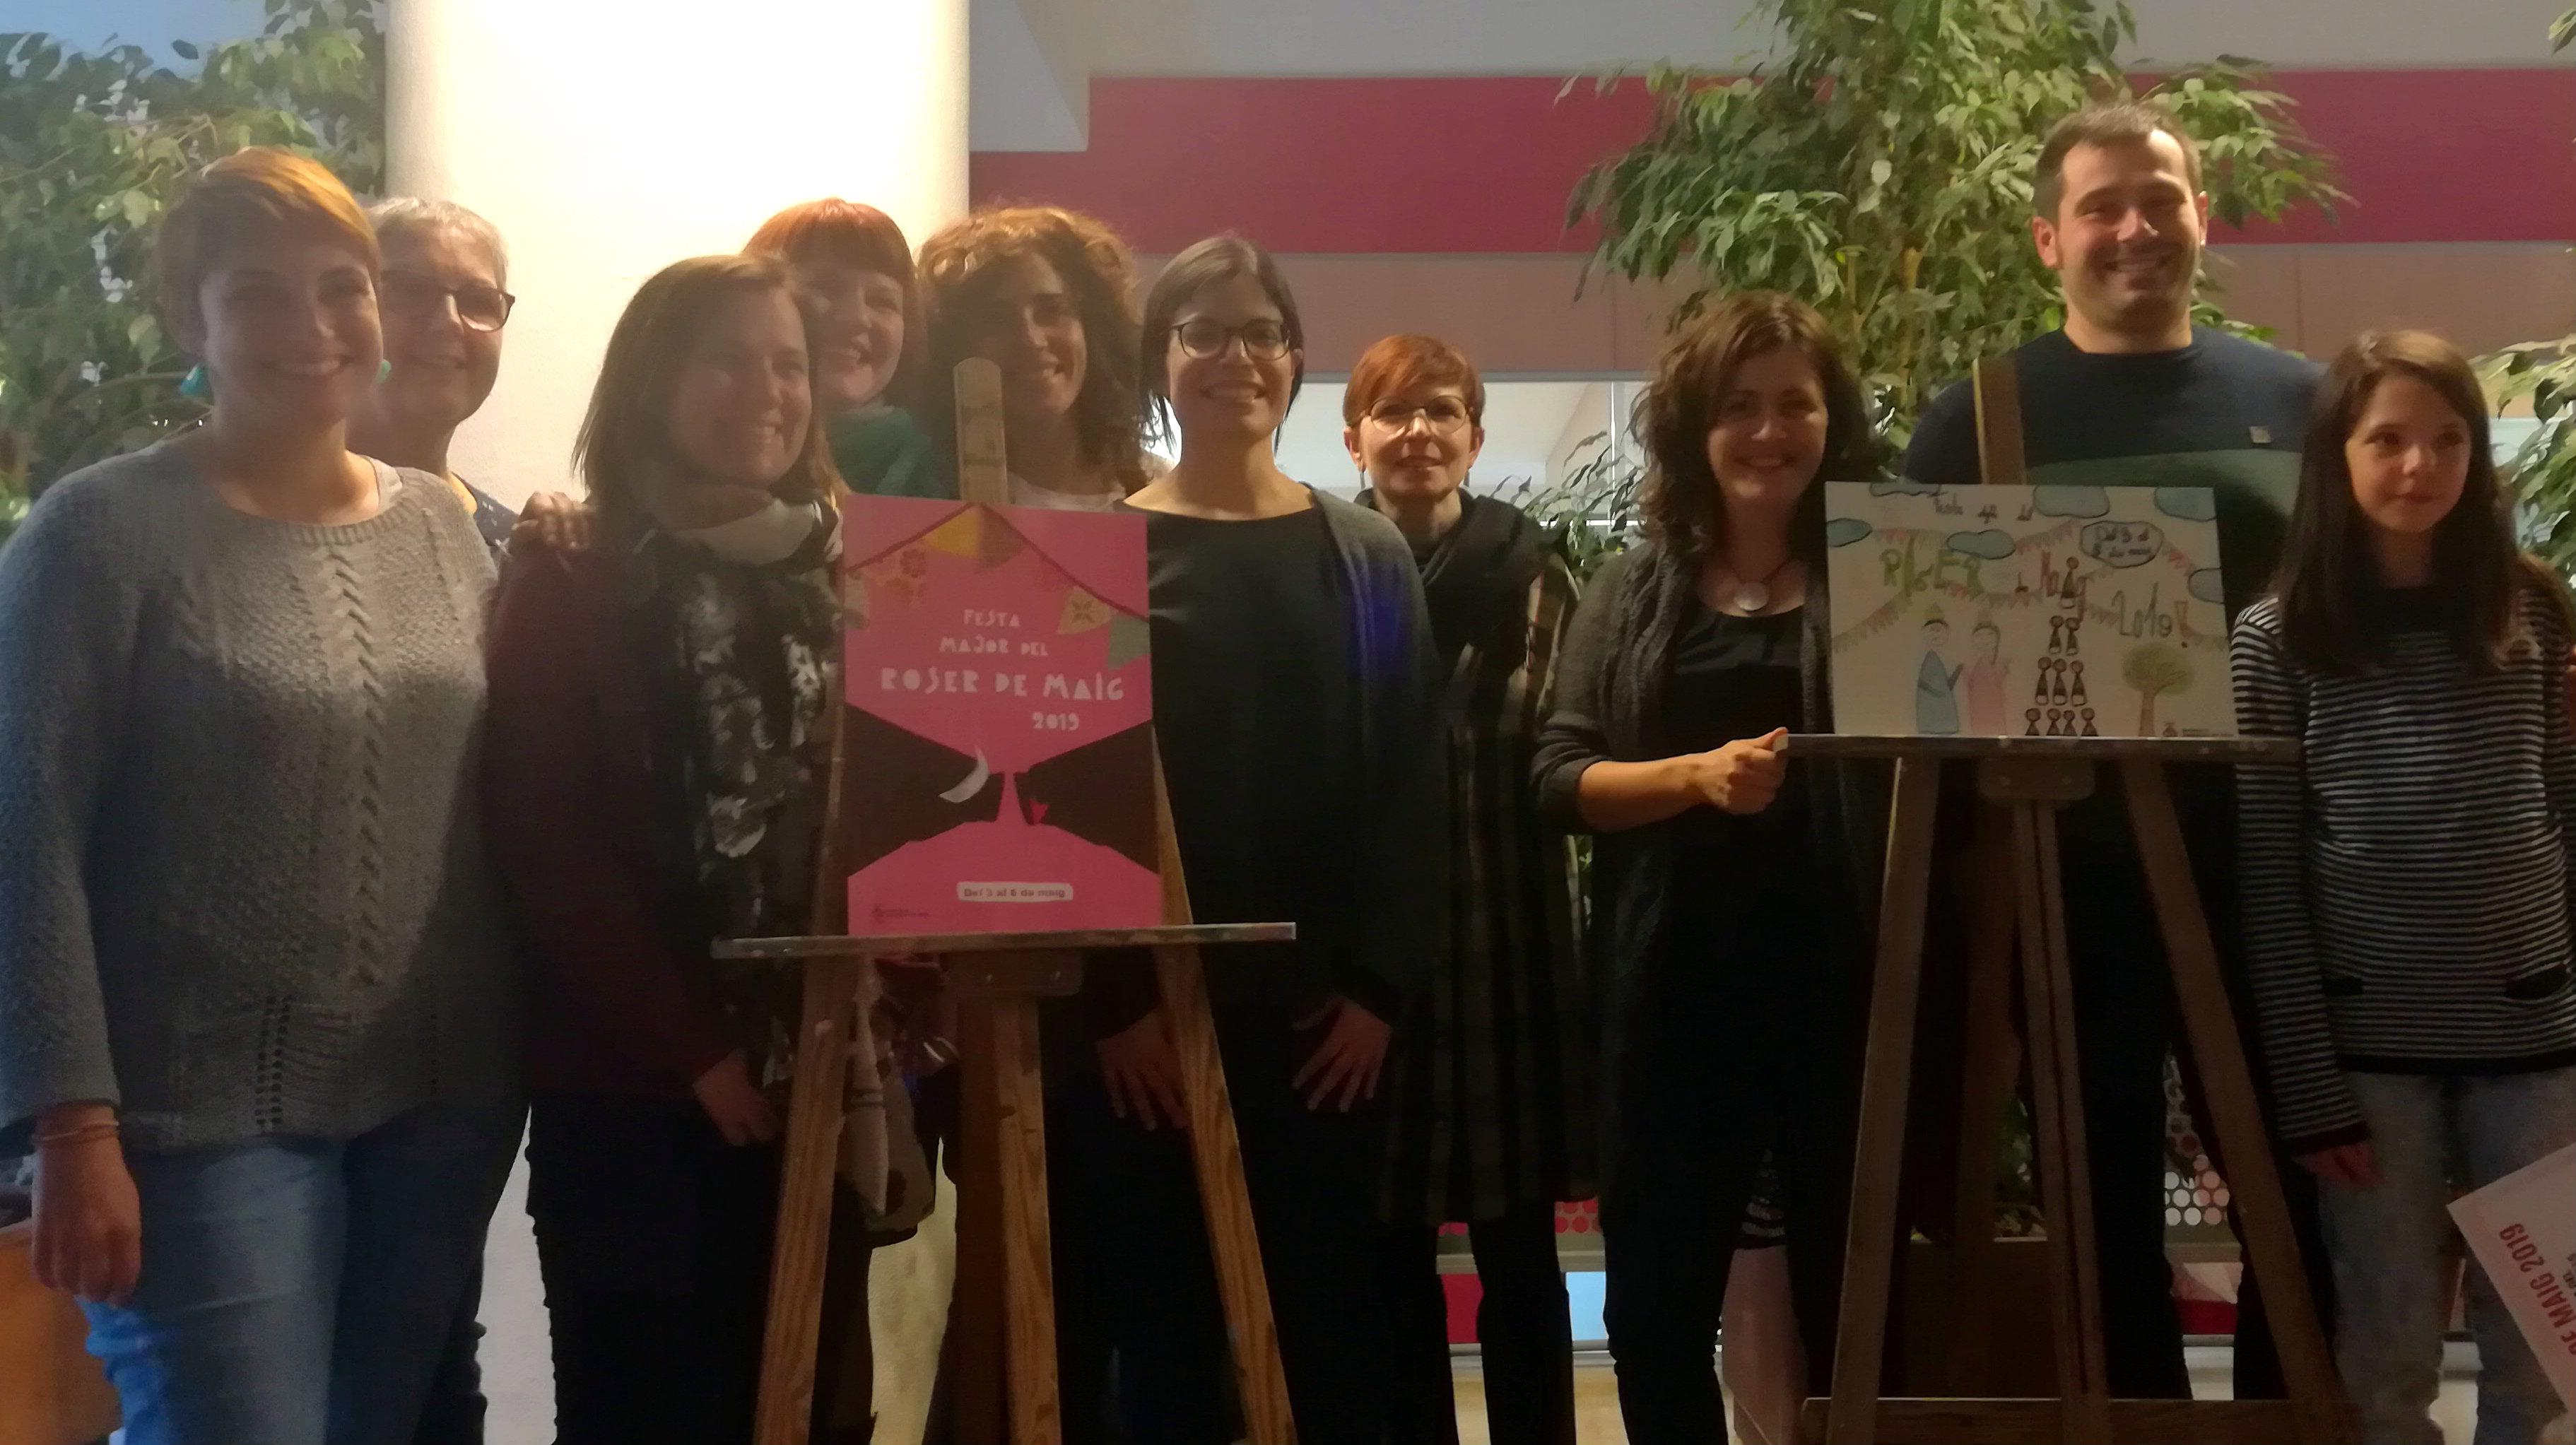 Presentació dels cartells guanyadors del Concurs de Cartells Roser de Maig